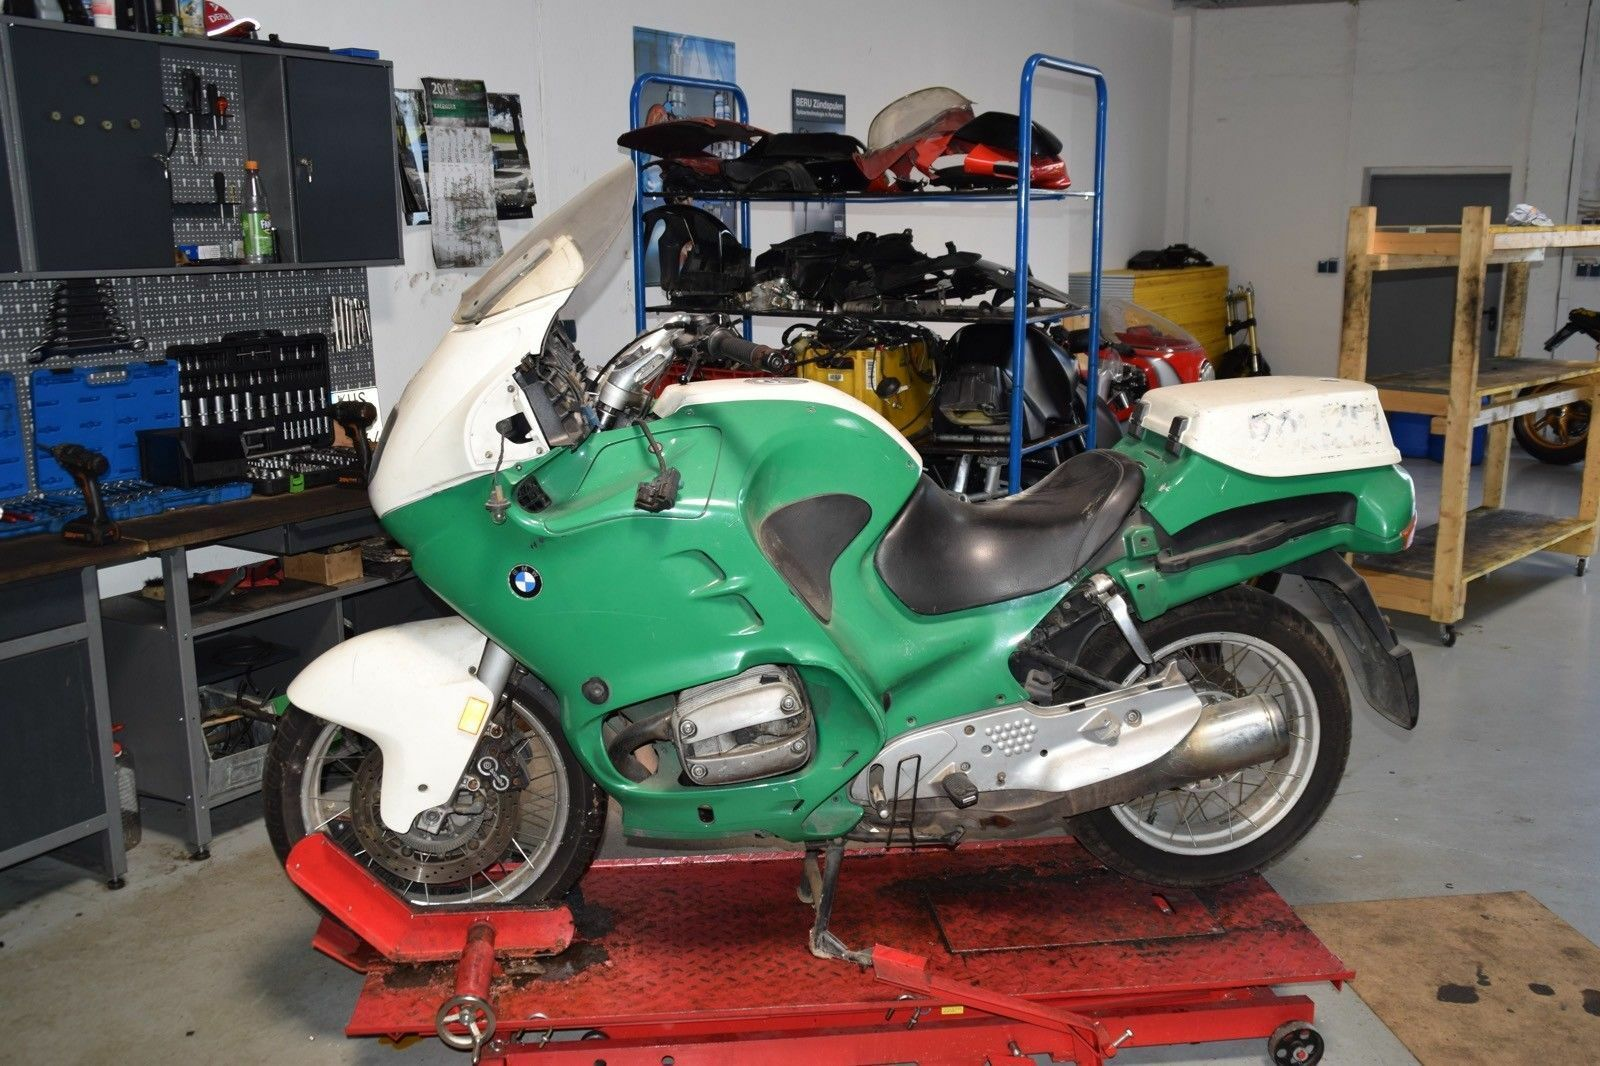 Bmw r 850 rt 259 abs bj.1994 - bloc moteur moteur